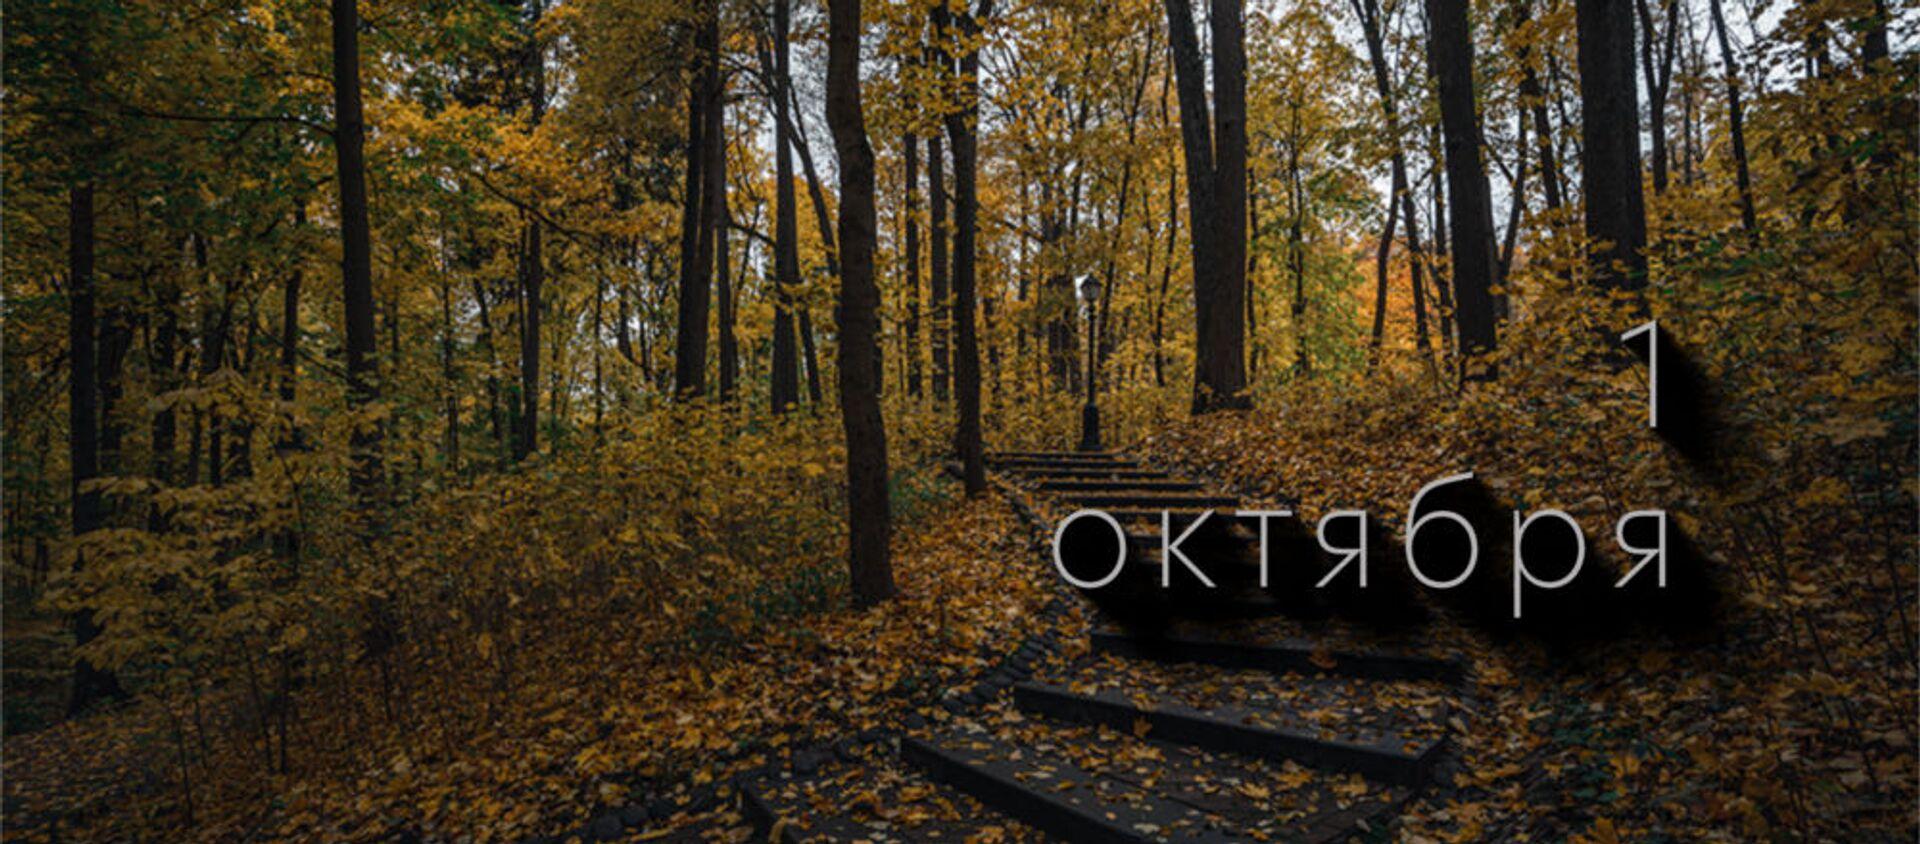 День 1 октября - Sputnik Южная Осетия, 1920, 30.09.2021